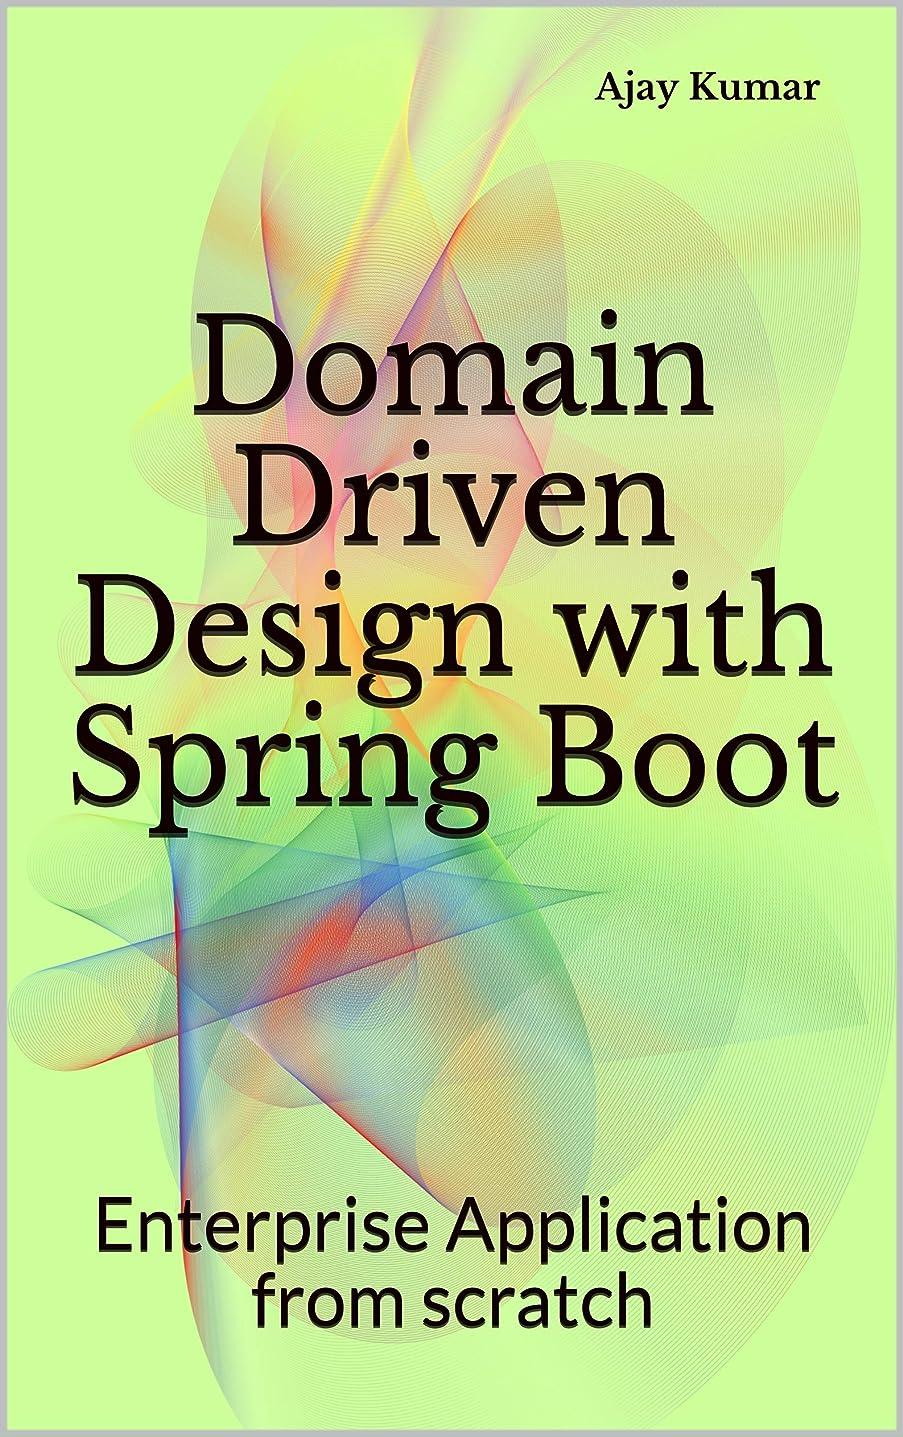 害罪人帰るDomain Driven Design with Spring Boot: Enterprise Application from scratch (English Edition)